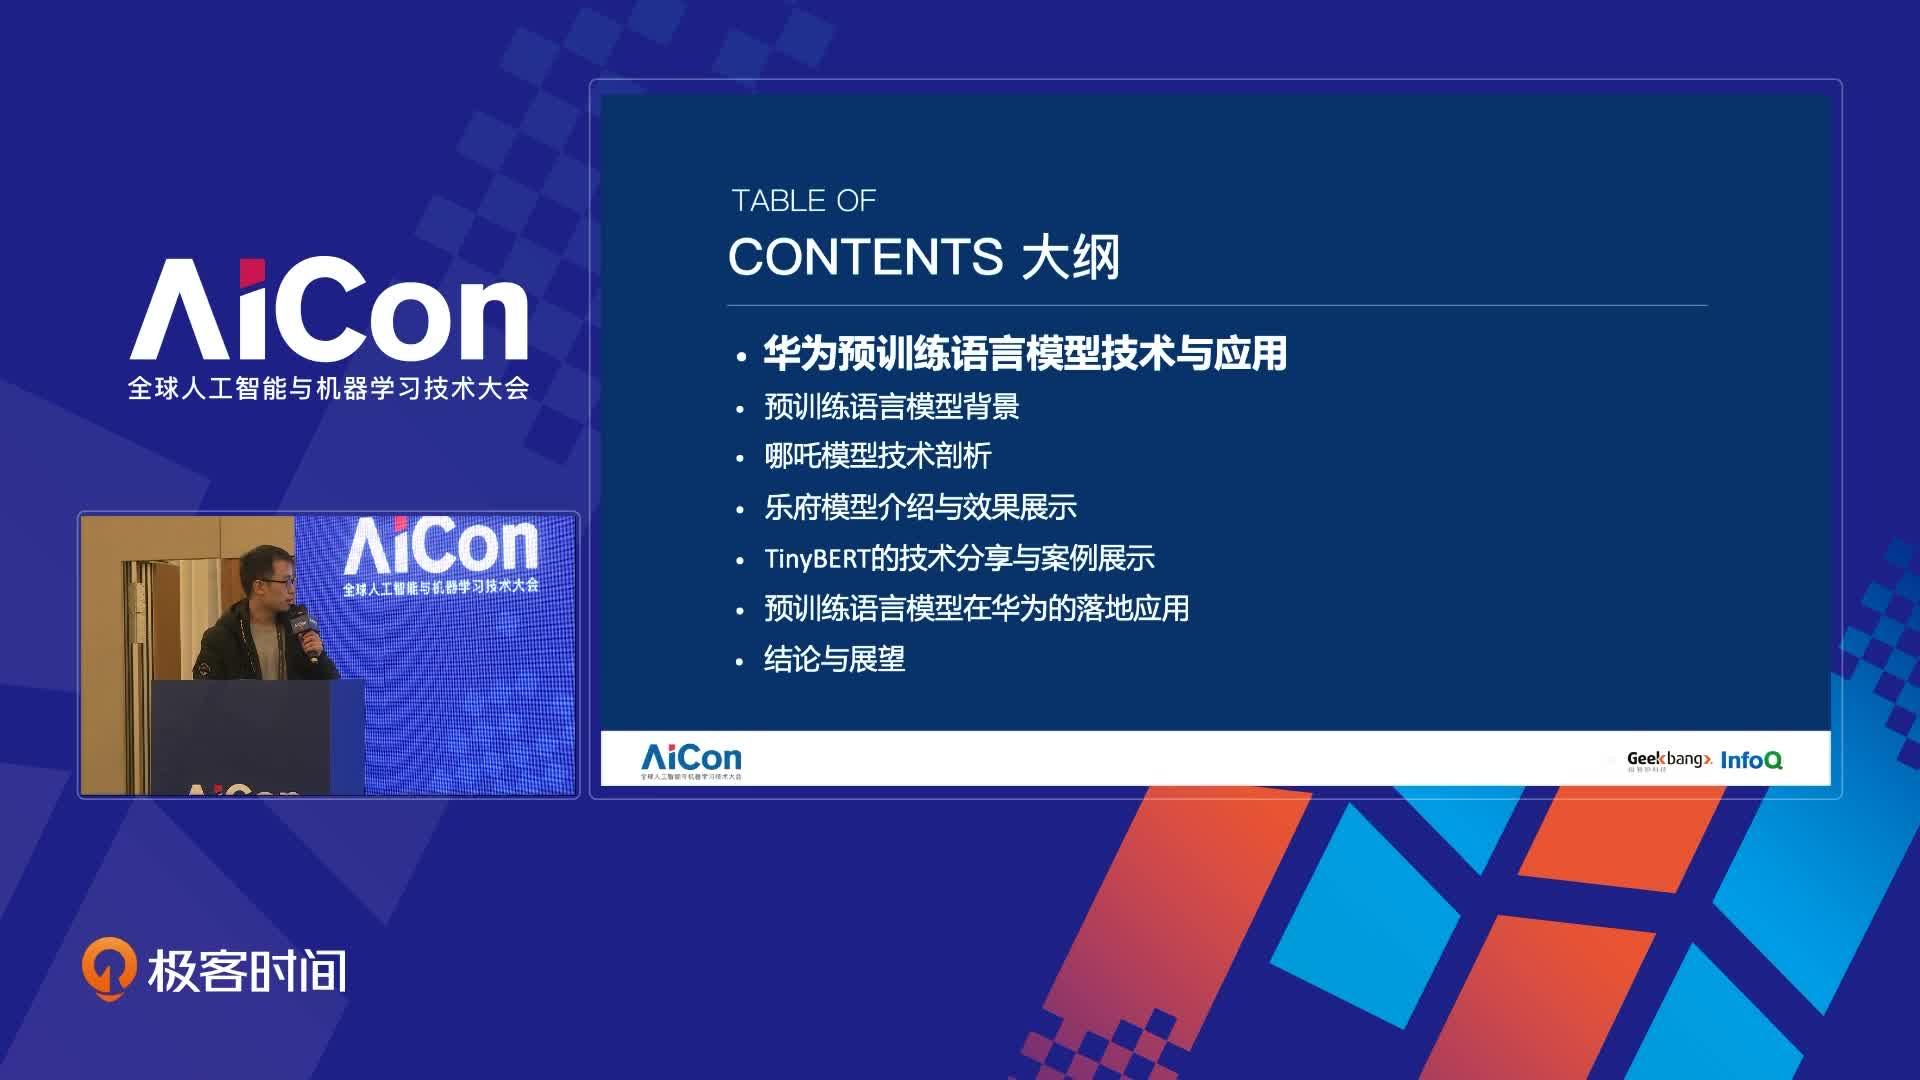 华为预训练语言模型技术与行业应用丨AlCon